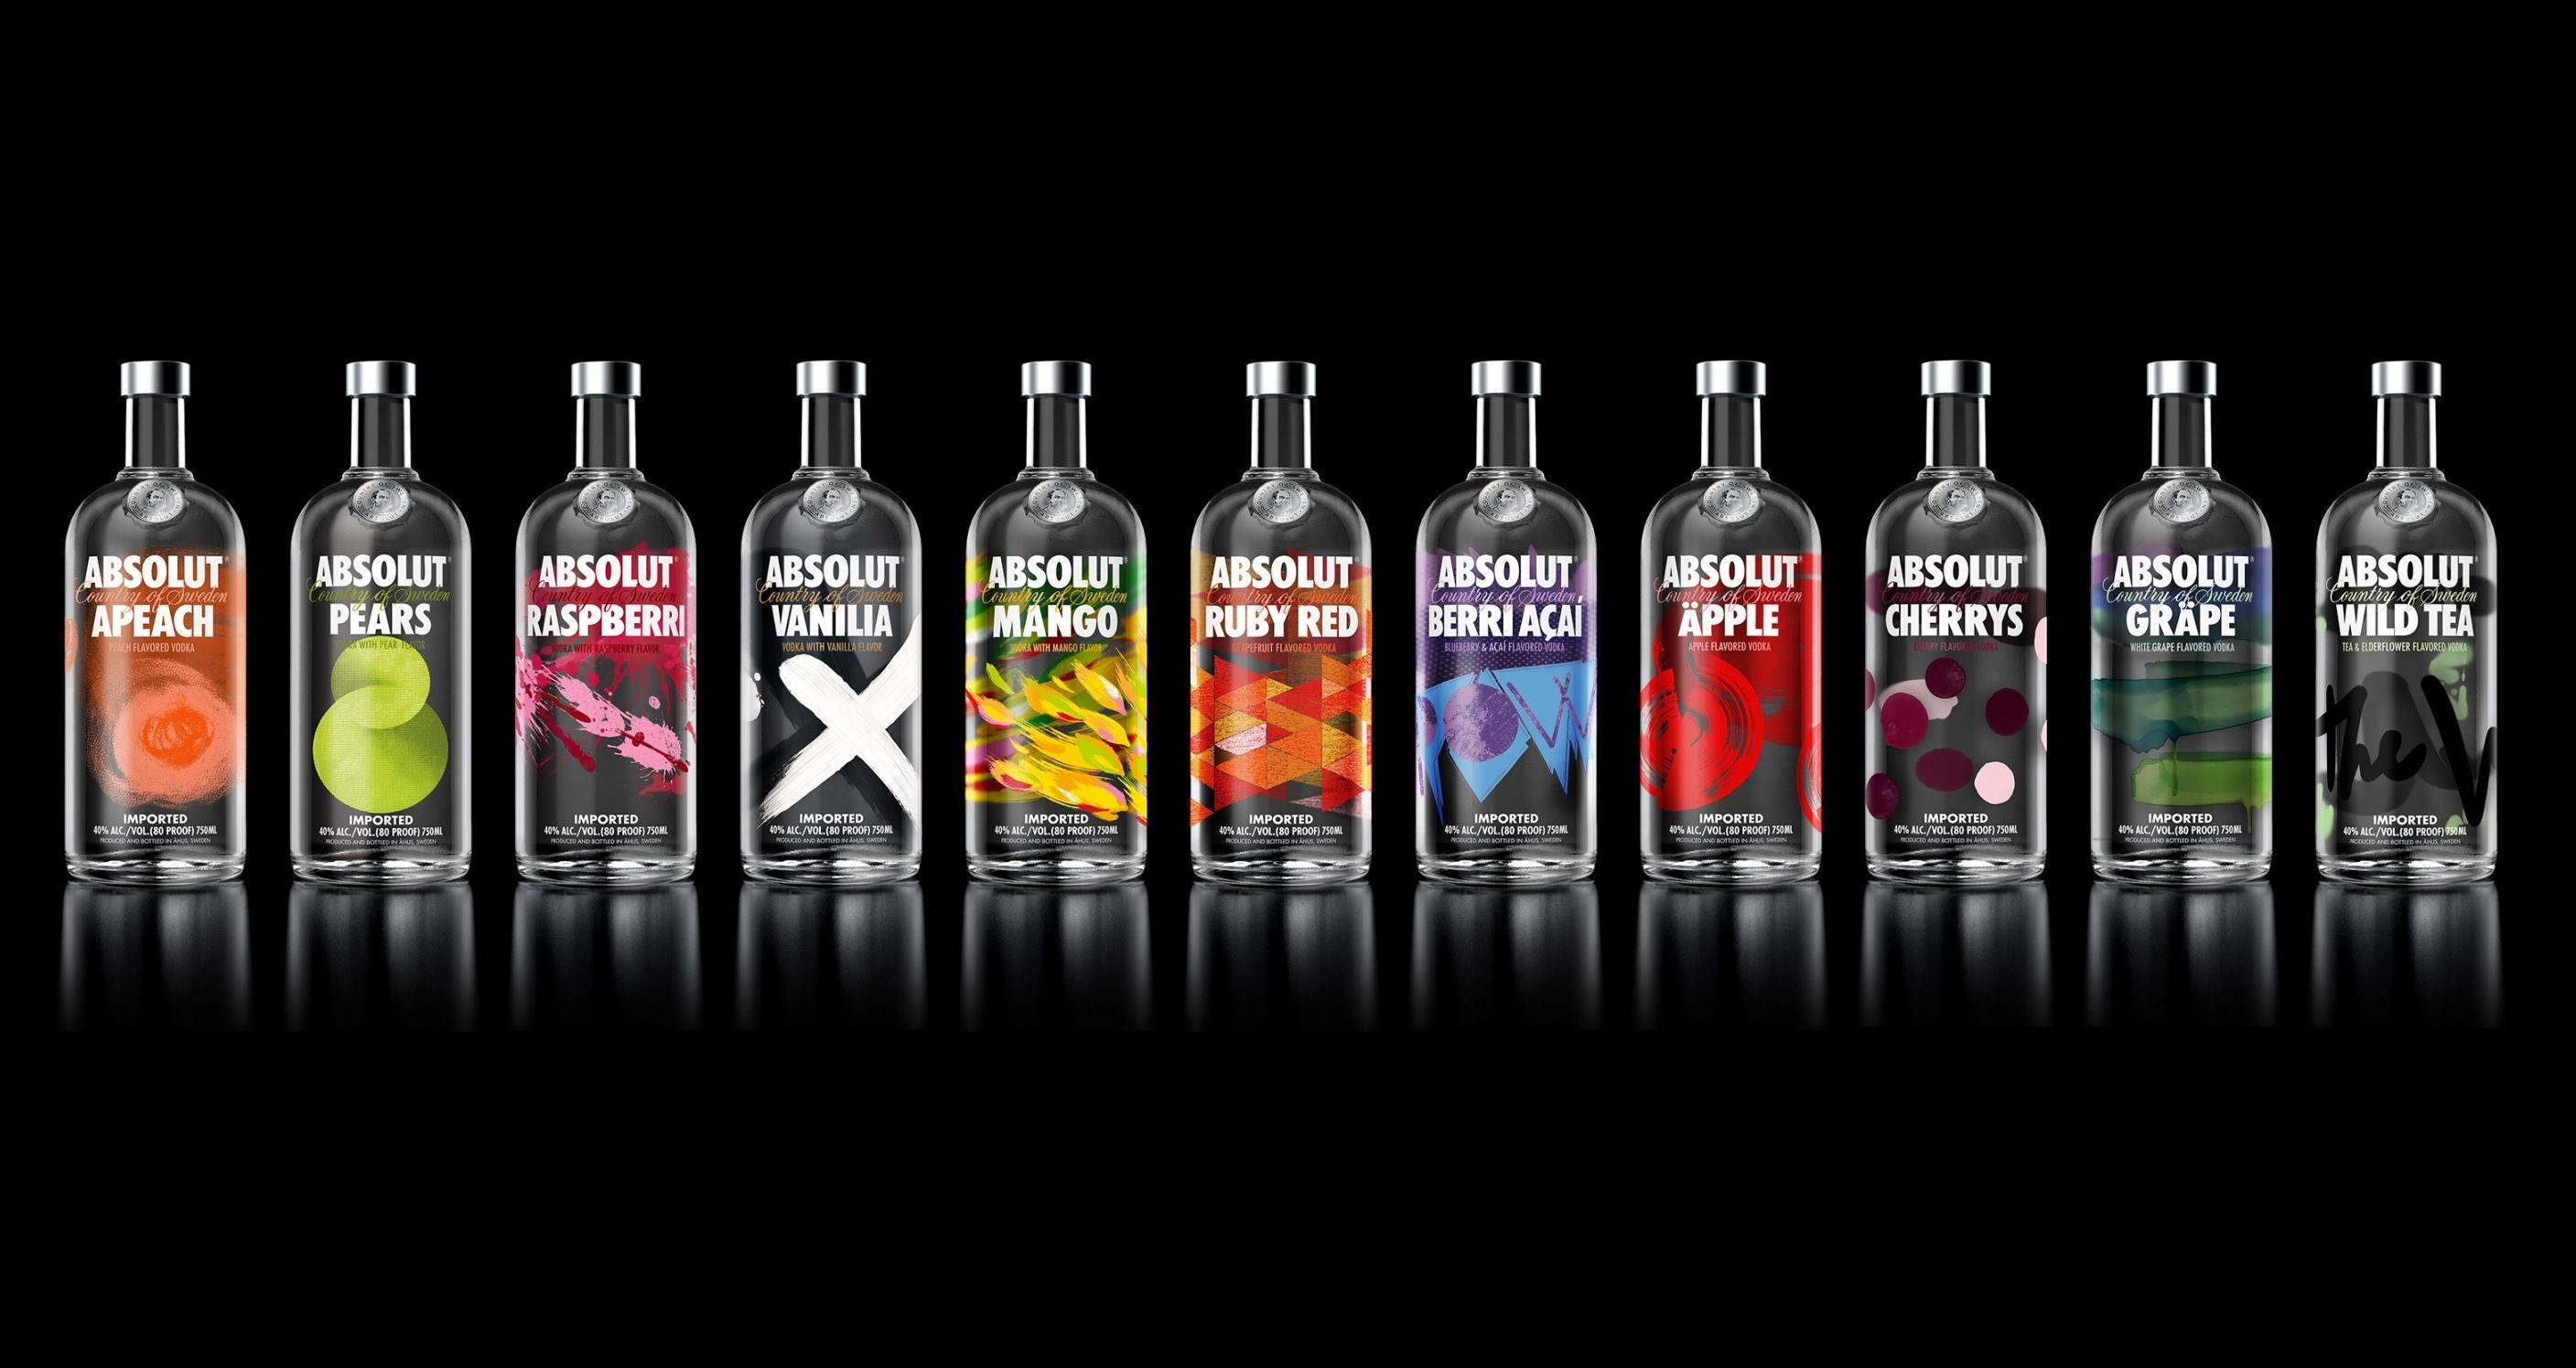 Absolut Buscar Con Google Con Imagenes Botella De Vodka